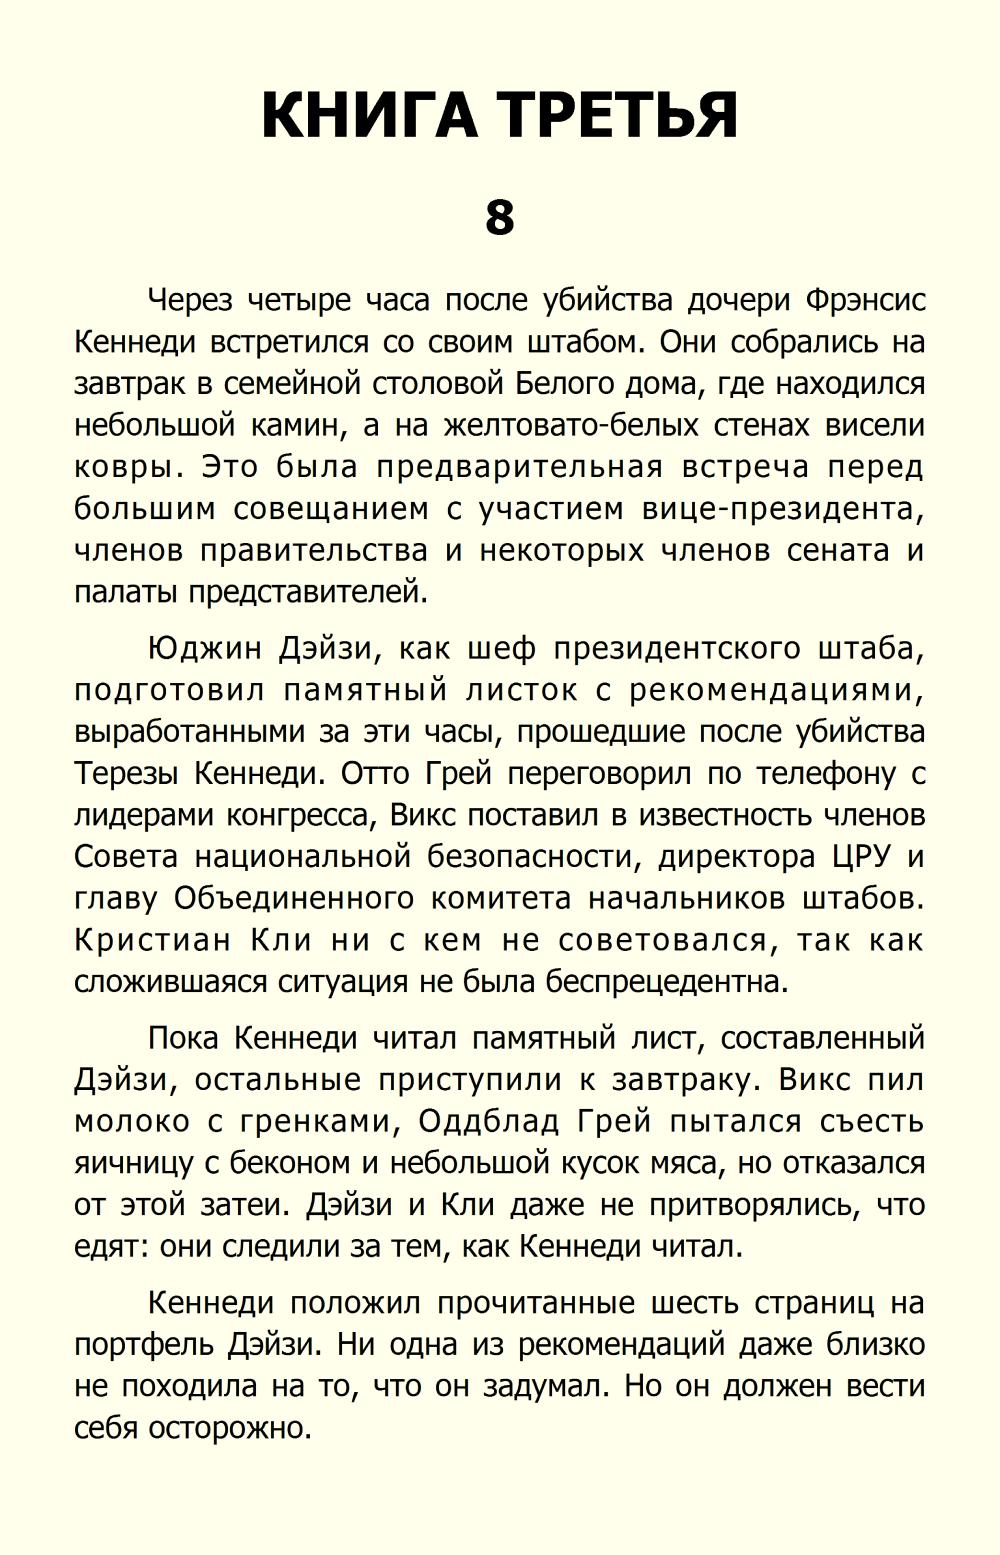 http://i2.imageban.ru/out/2013/11/26/15873a258f68935c9674390234bfb425.jpg